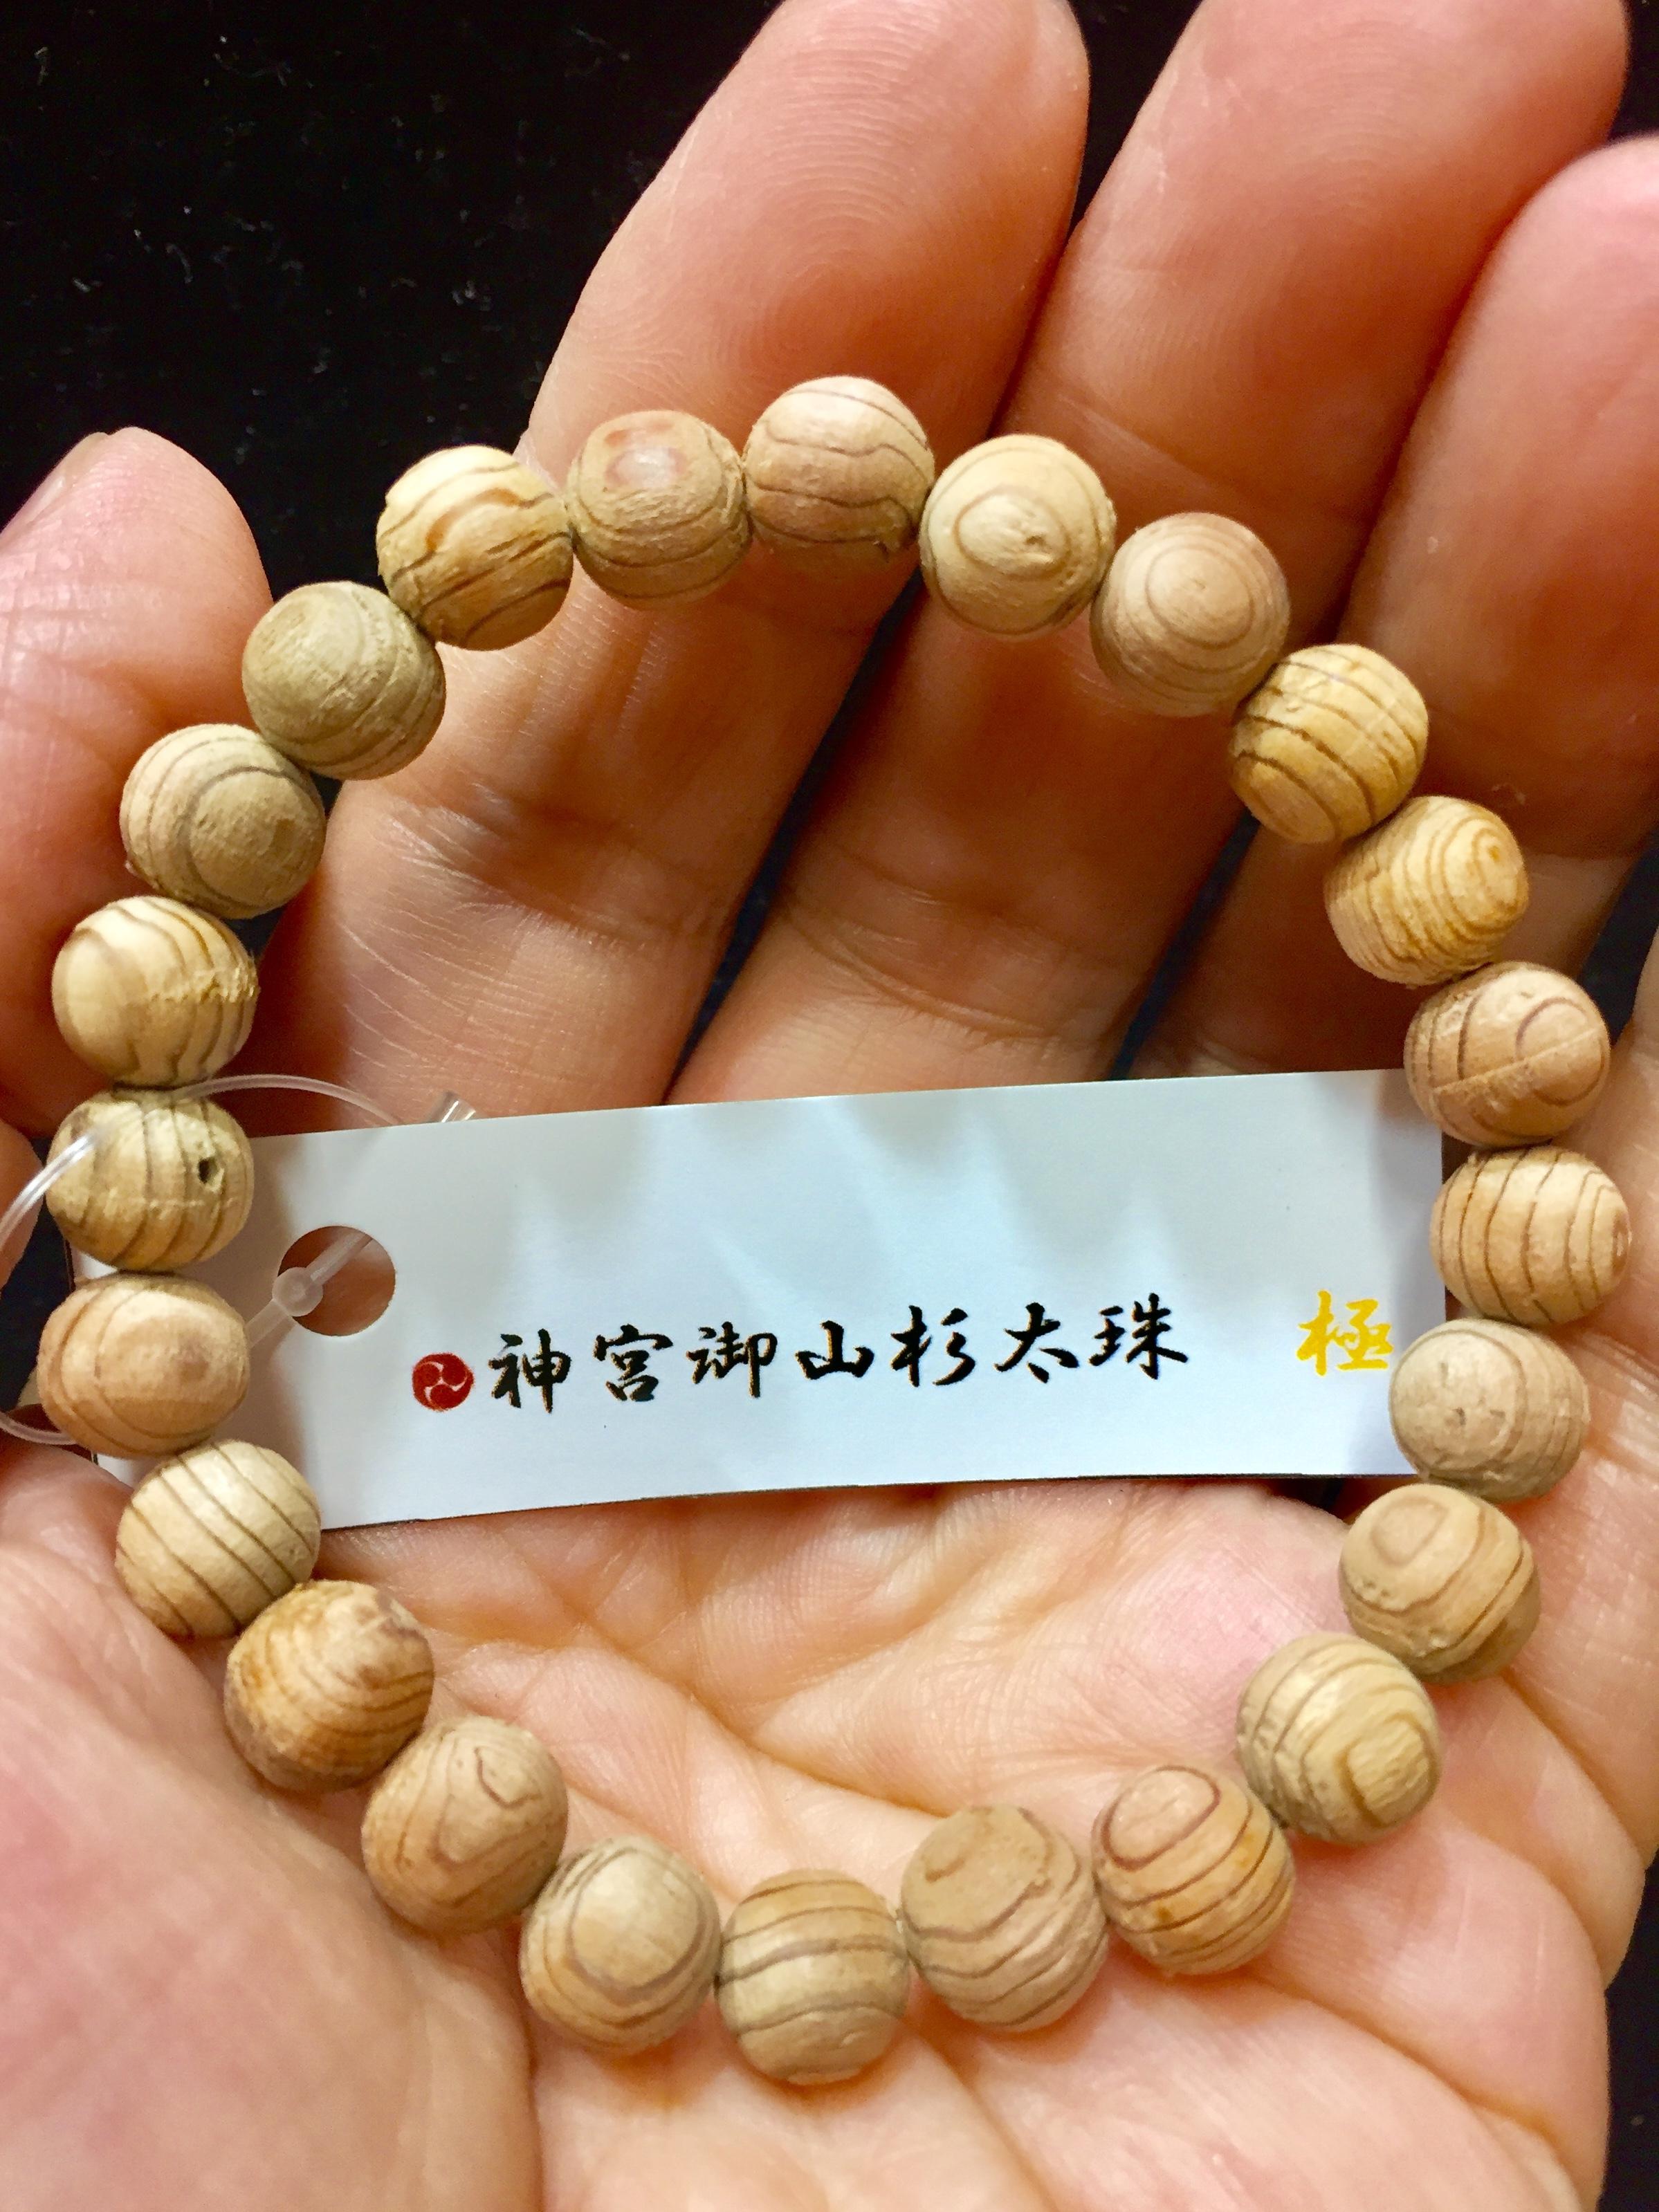 6) 伊勢神宮「御神木」パワーブレスレット